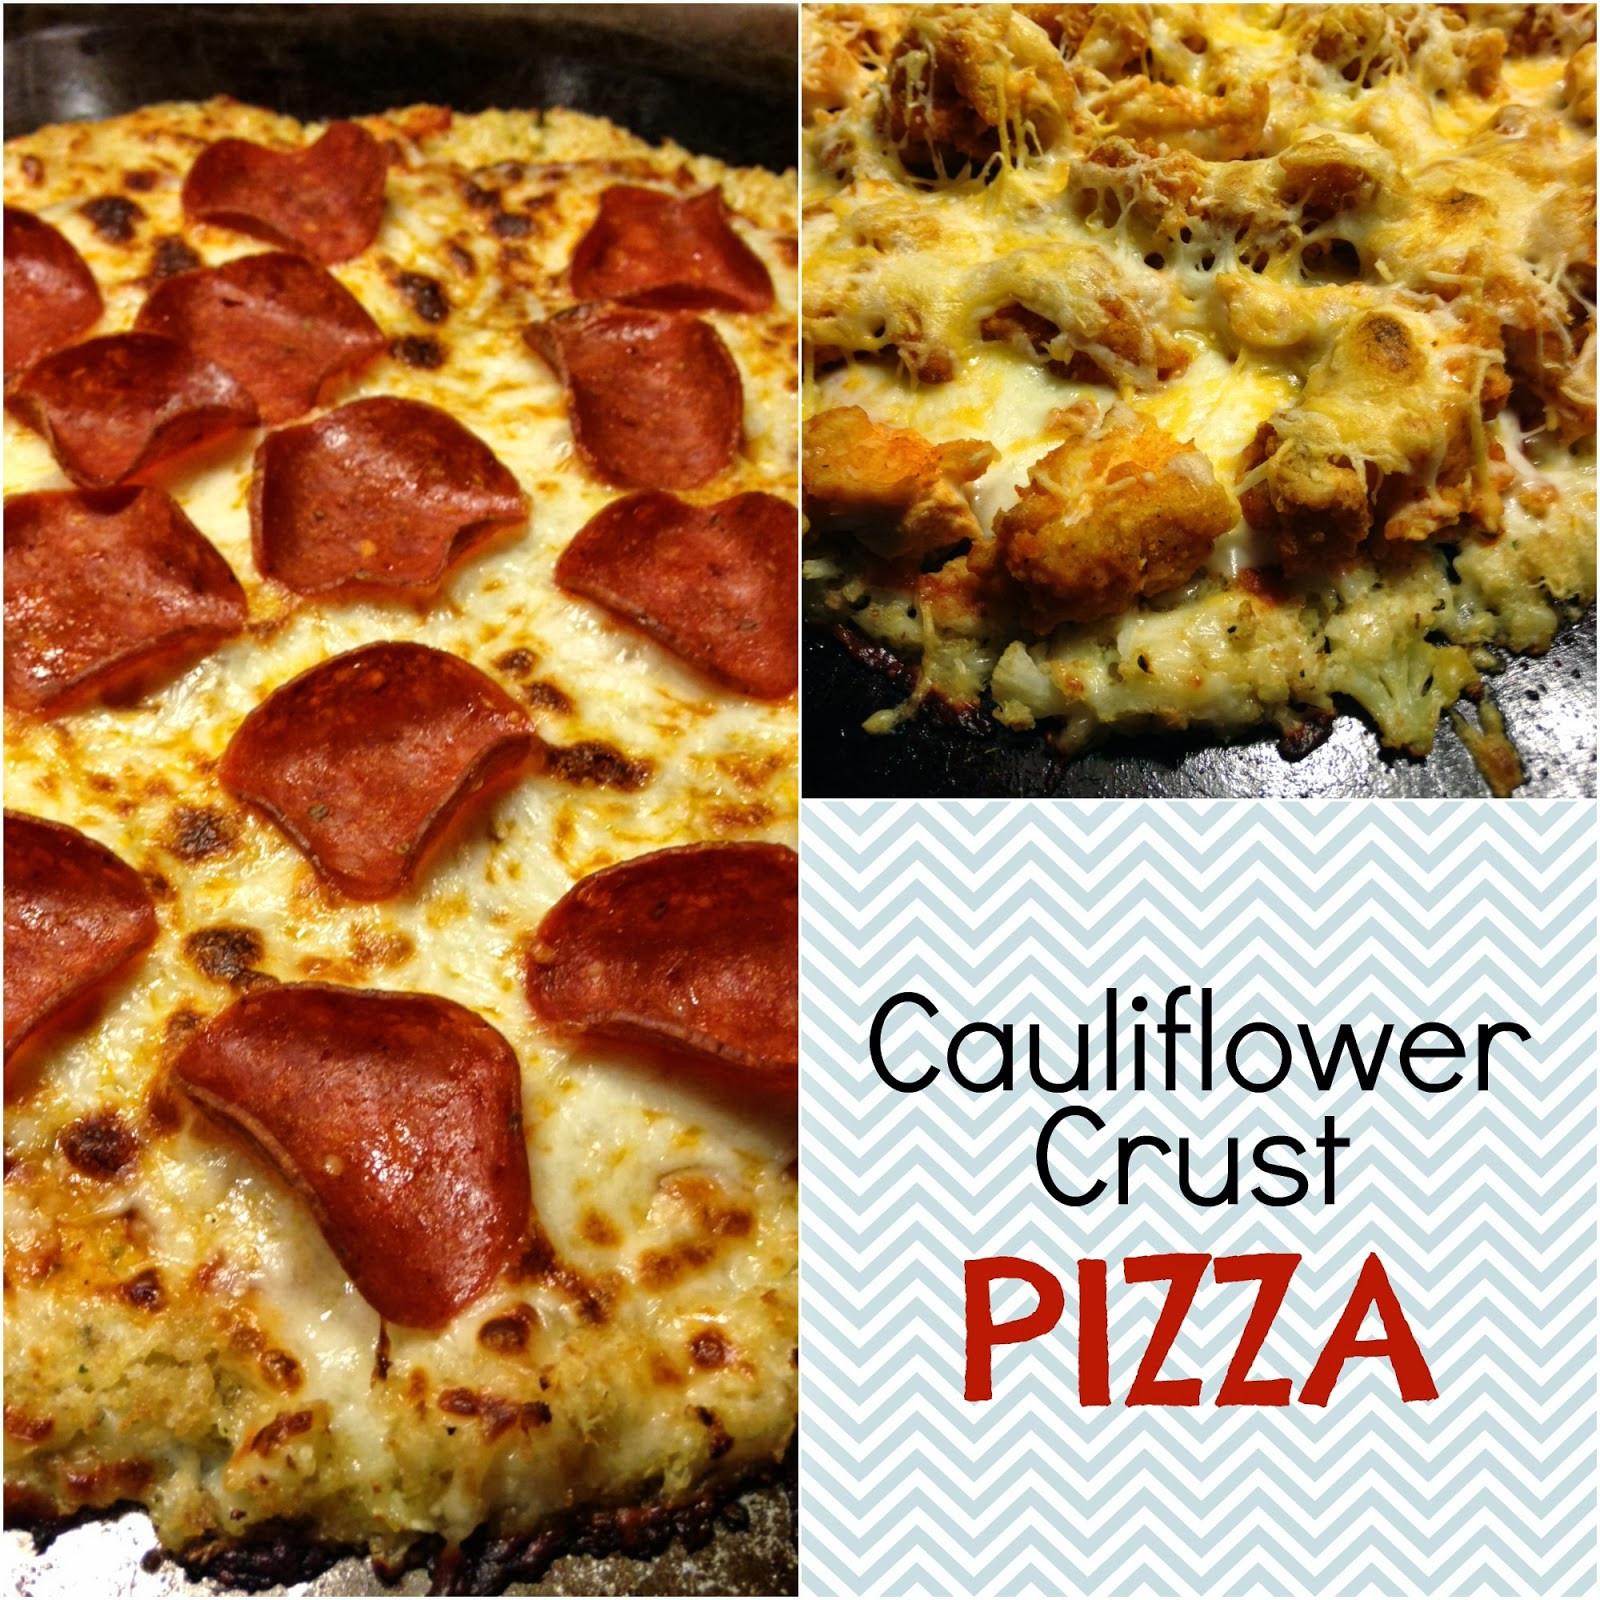 Where To Buy Cauliflower Pizza Crust  Cauliflower Pizza Crust Recipe — Dishmaps